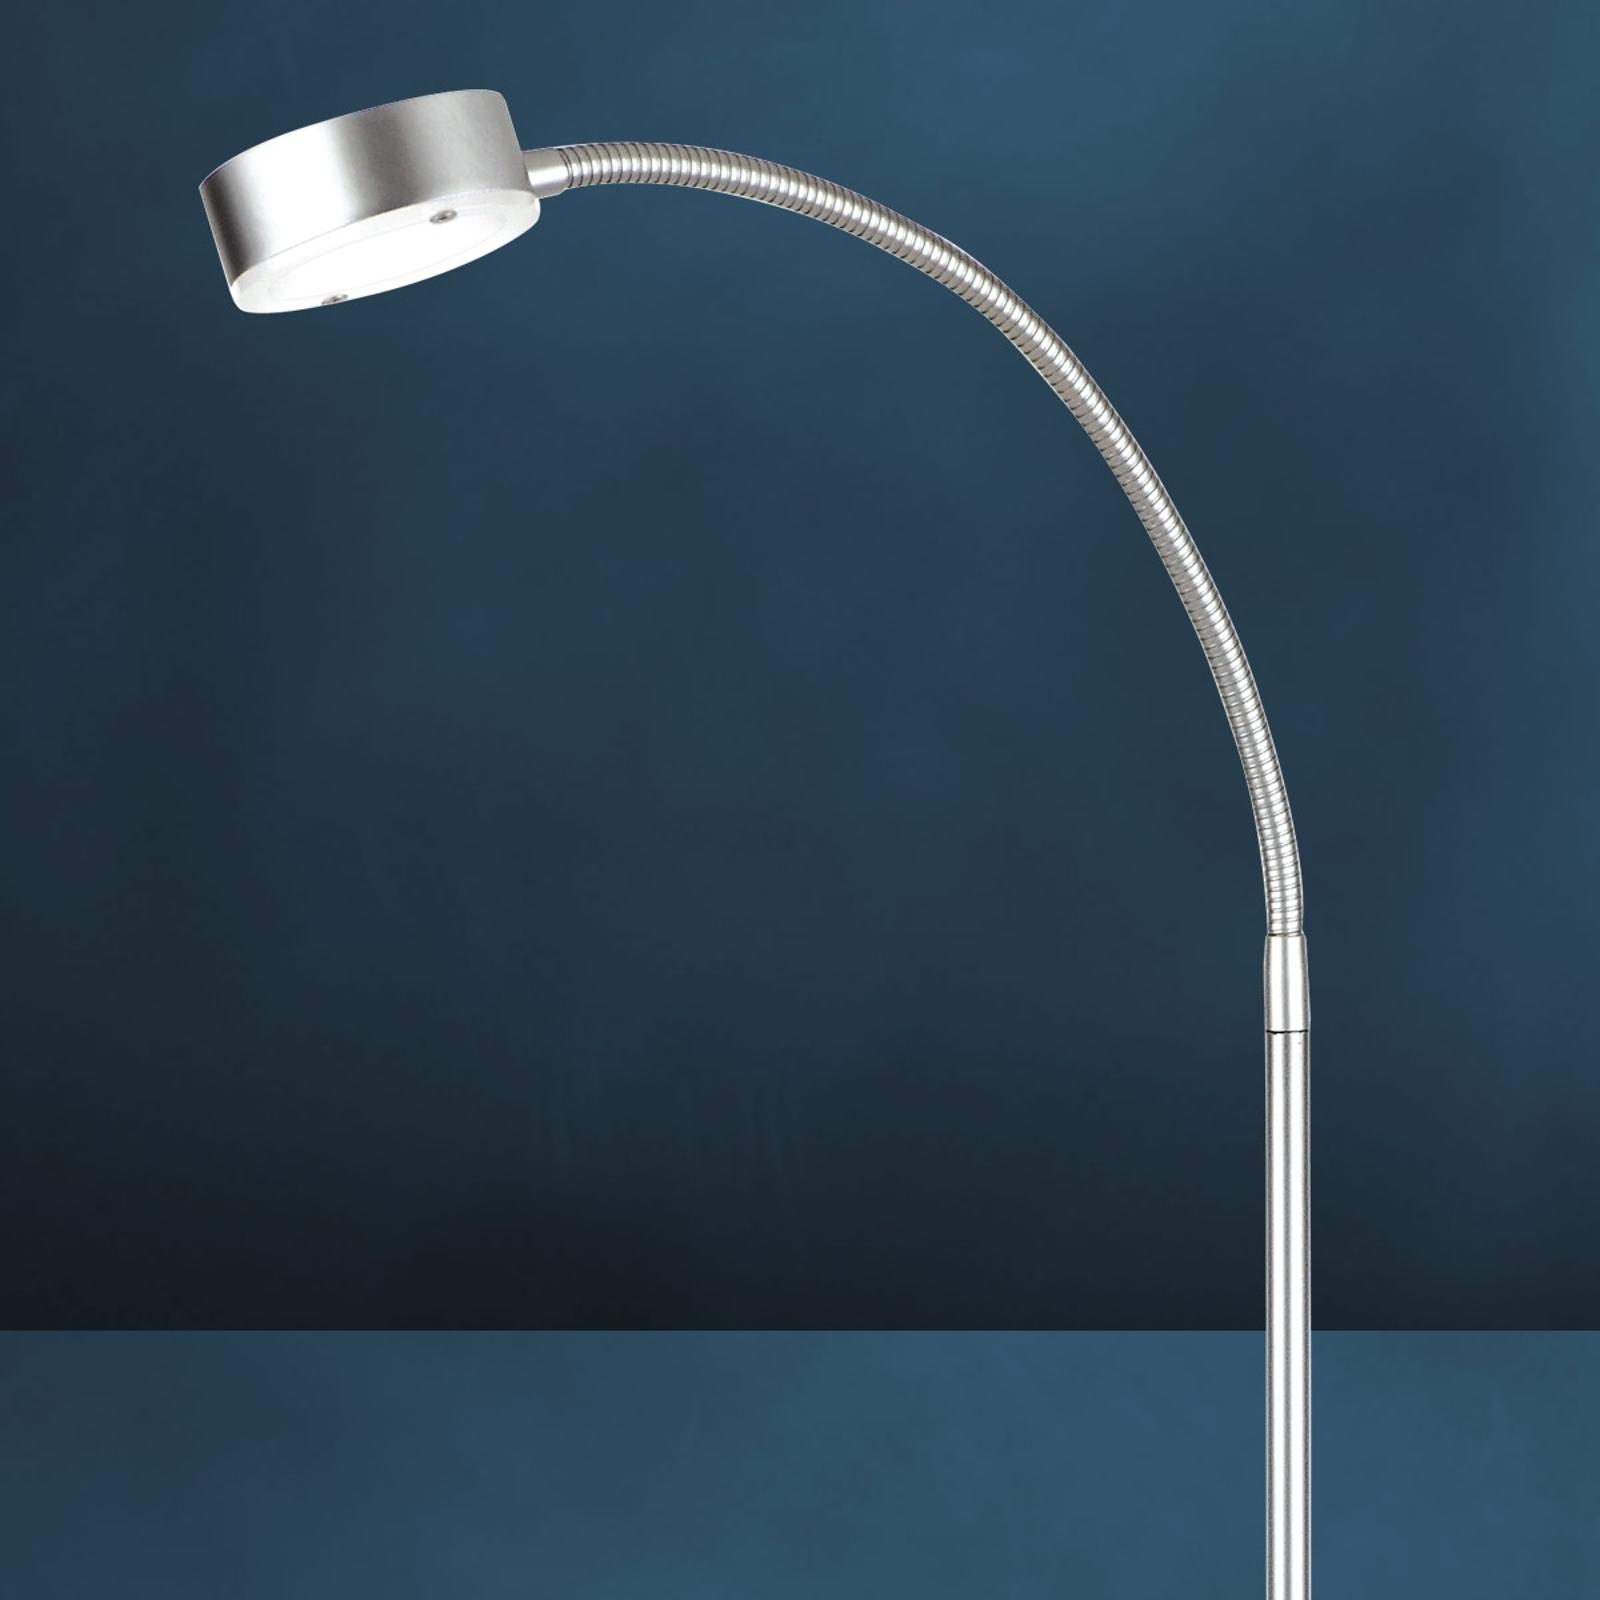 Flexibilná stojaca LED lampa SATURN, 1-plameňová_1524110_1